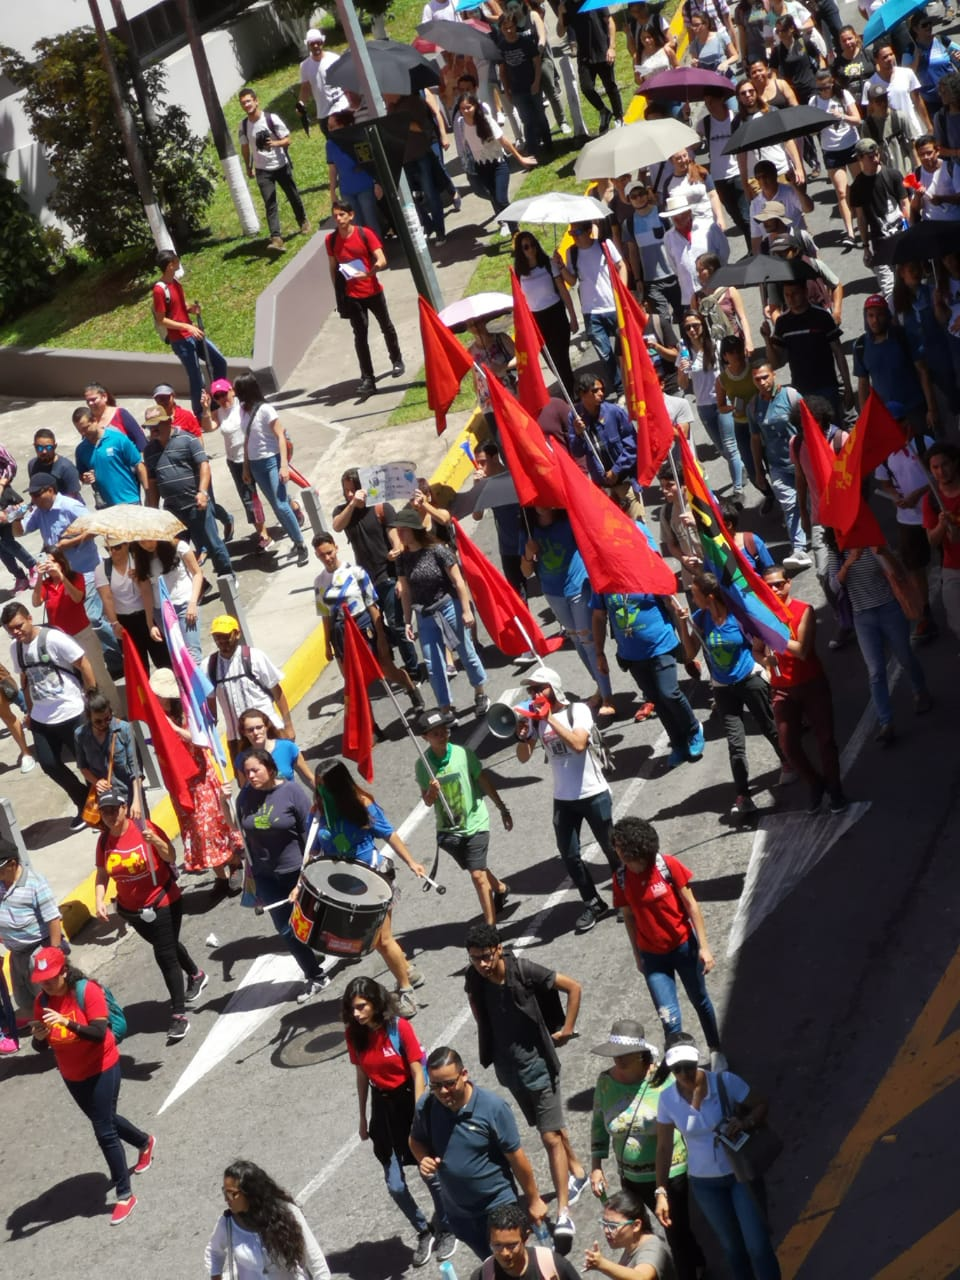 Universidades públicas salen en defensa de la autonomía universitaria y contra la represión policial